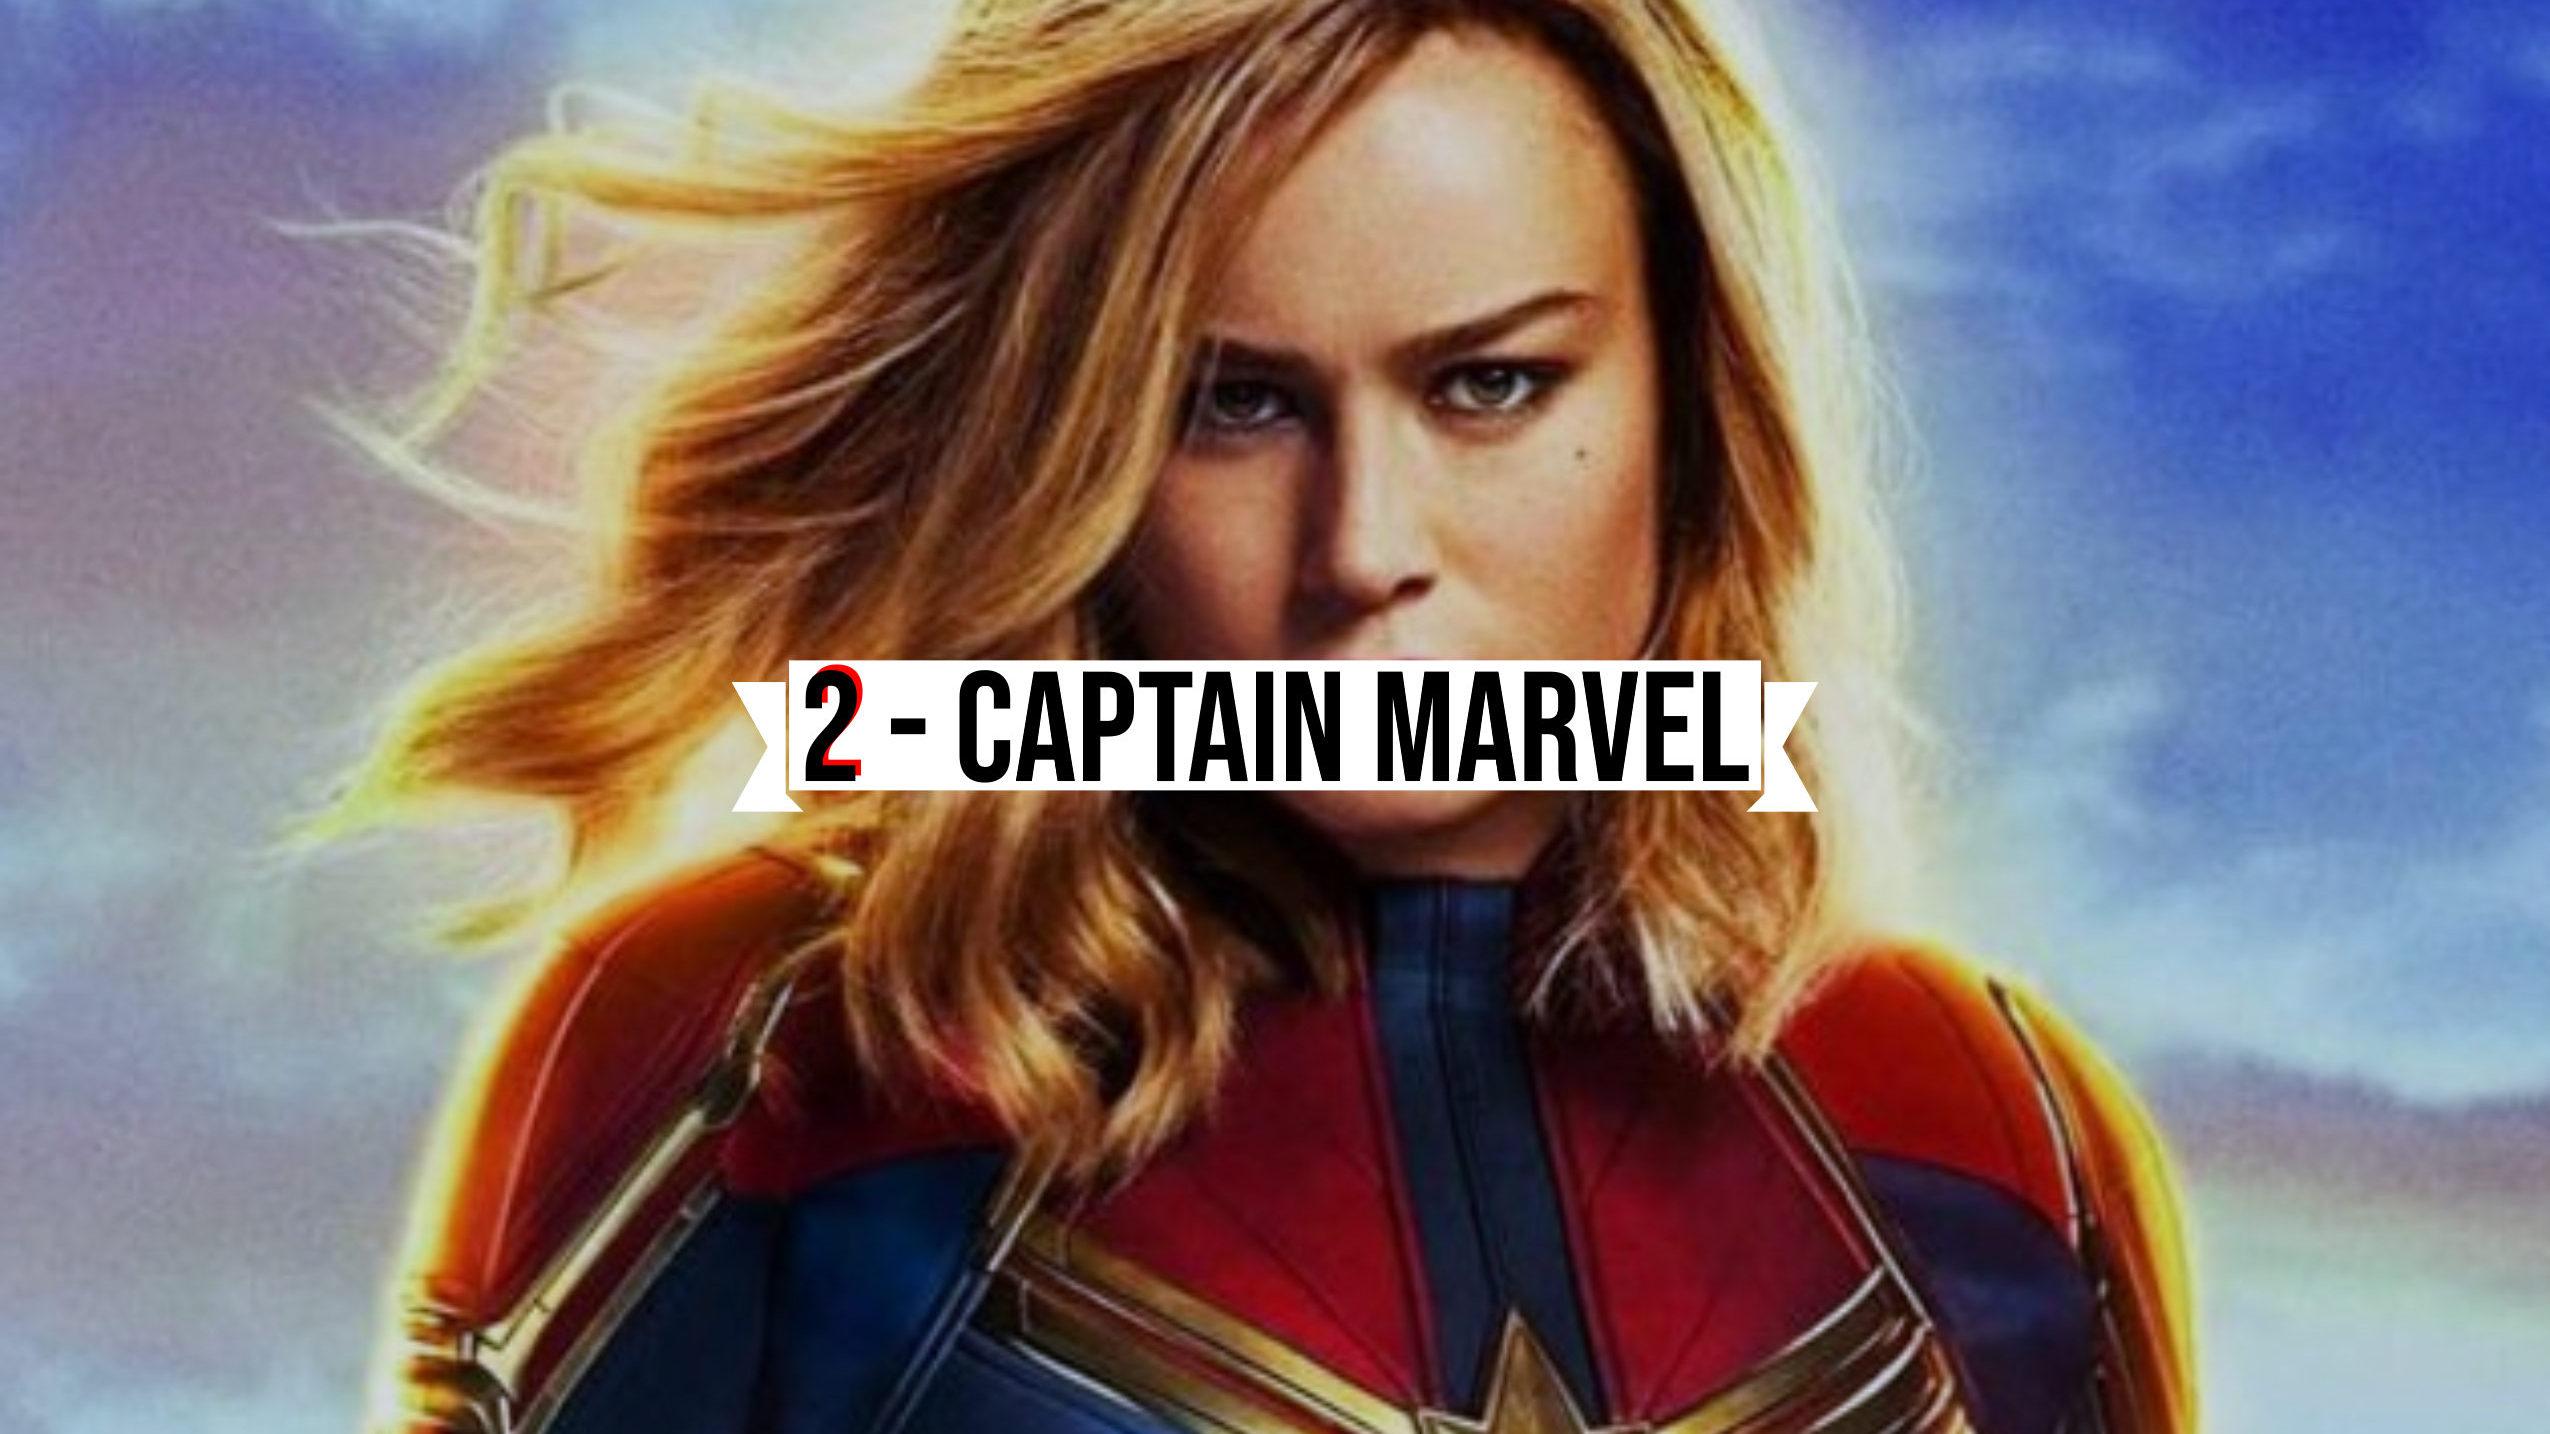 2 - Captain Marvel